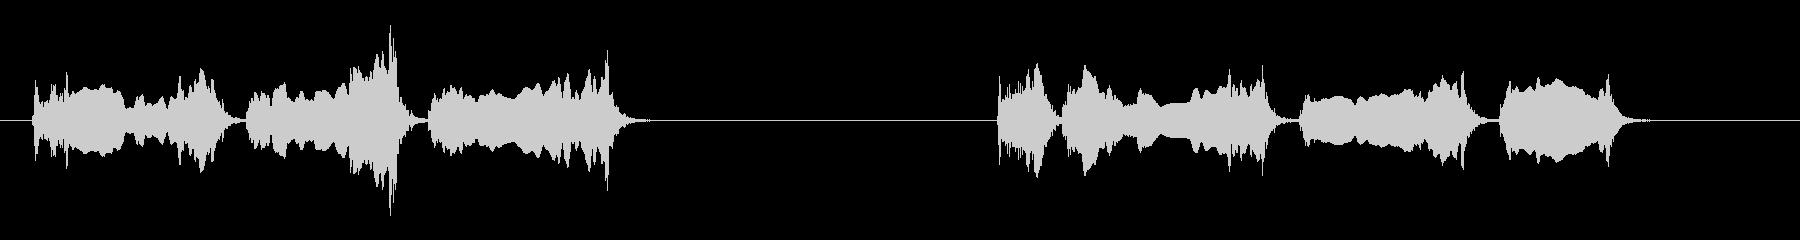 2つの孤立したハヤブサの叫びの未再生の波形